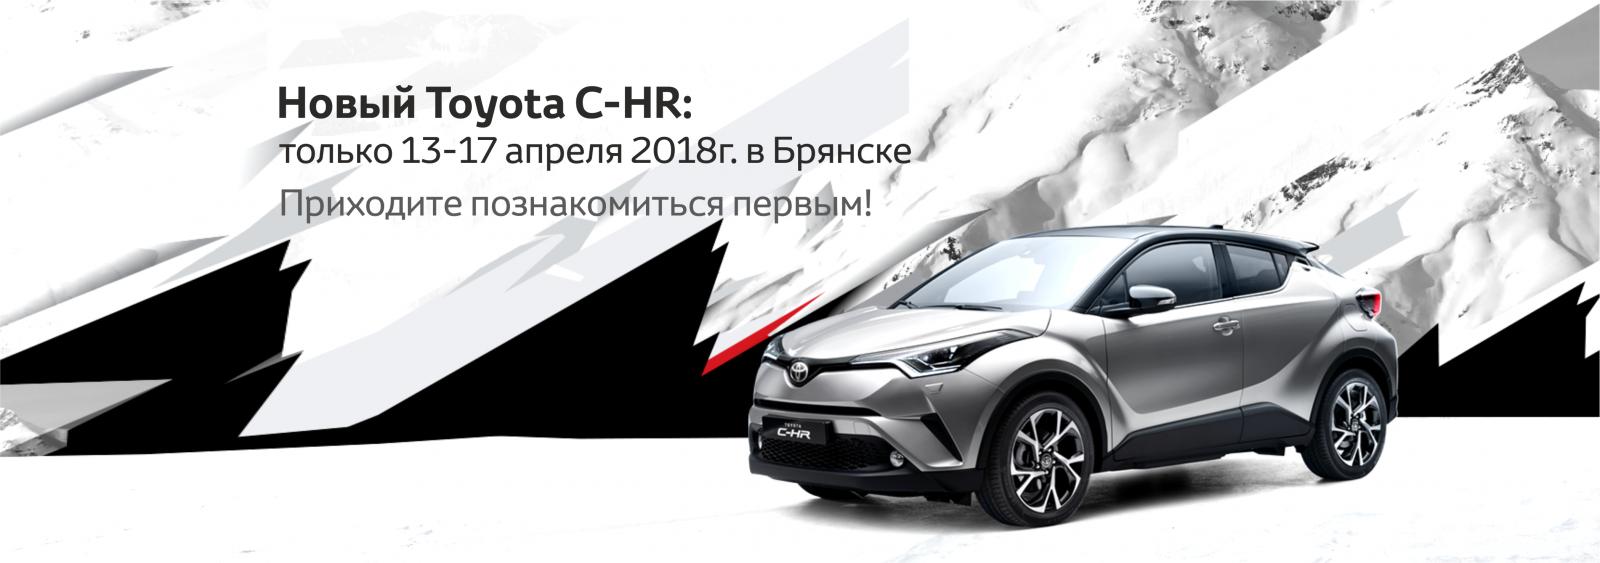 В Брянск привезут уникальную Тойоту